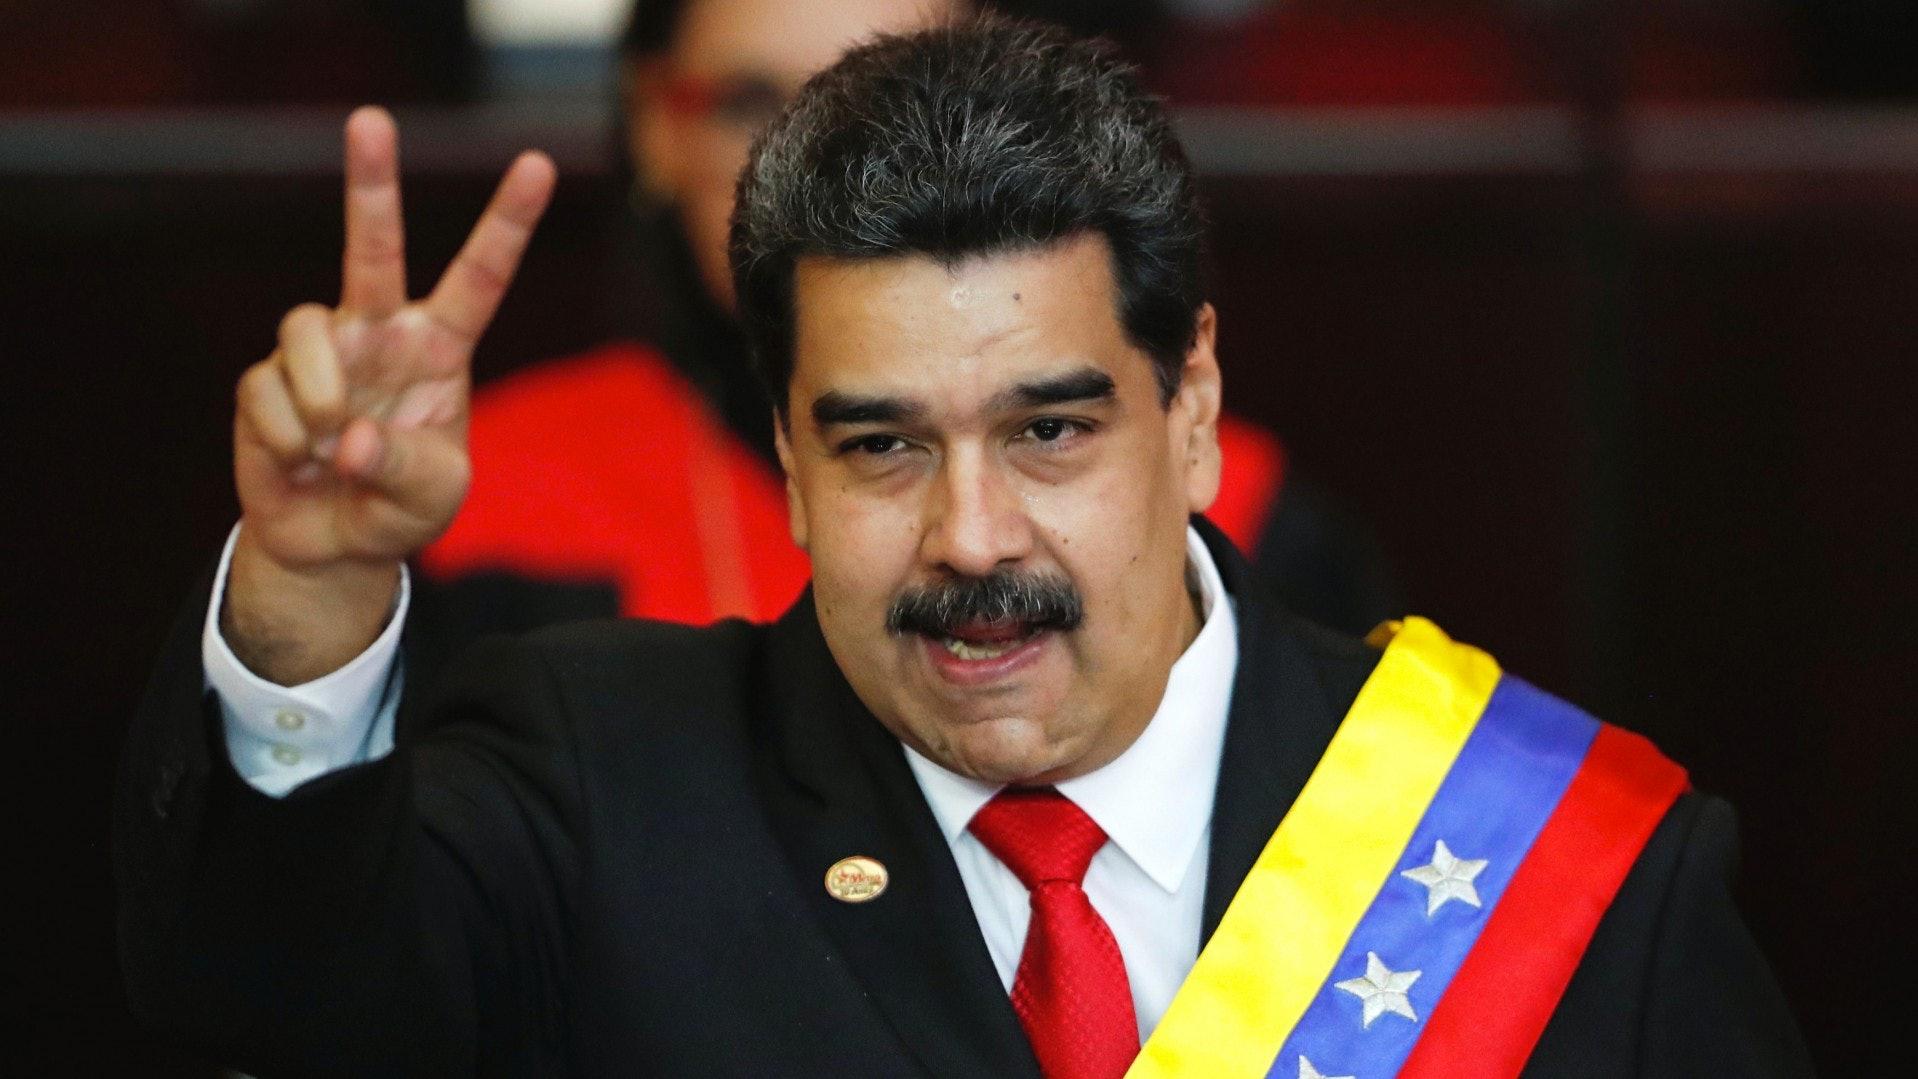 馬杜羅續任委內瑞拉總統遭抵制6年新任期難解內憂外患|香港01|即時國際